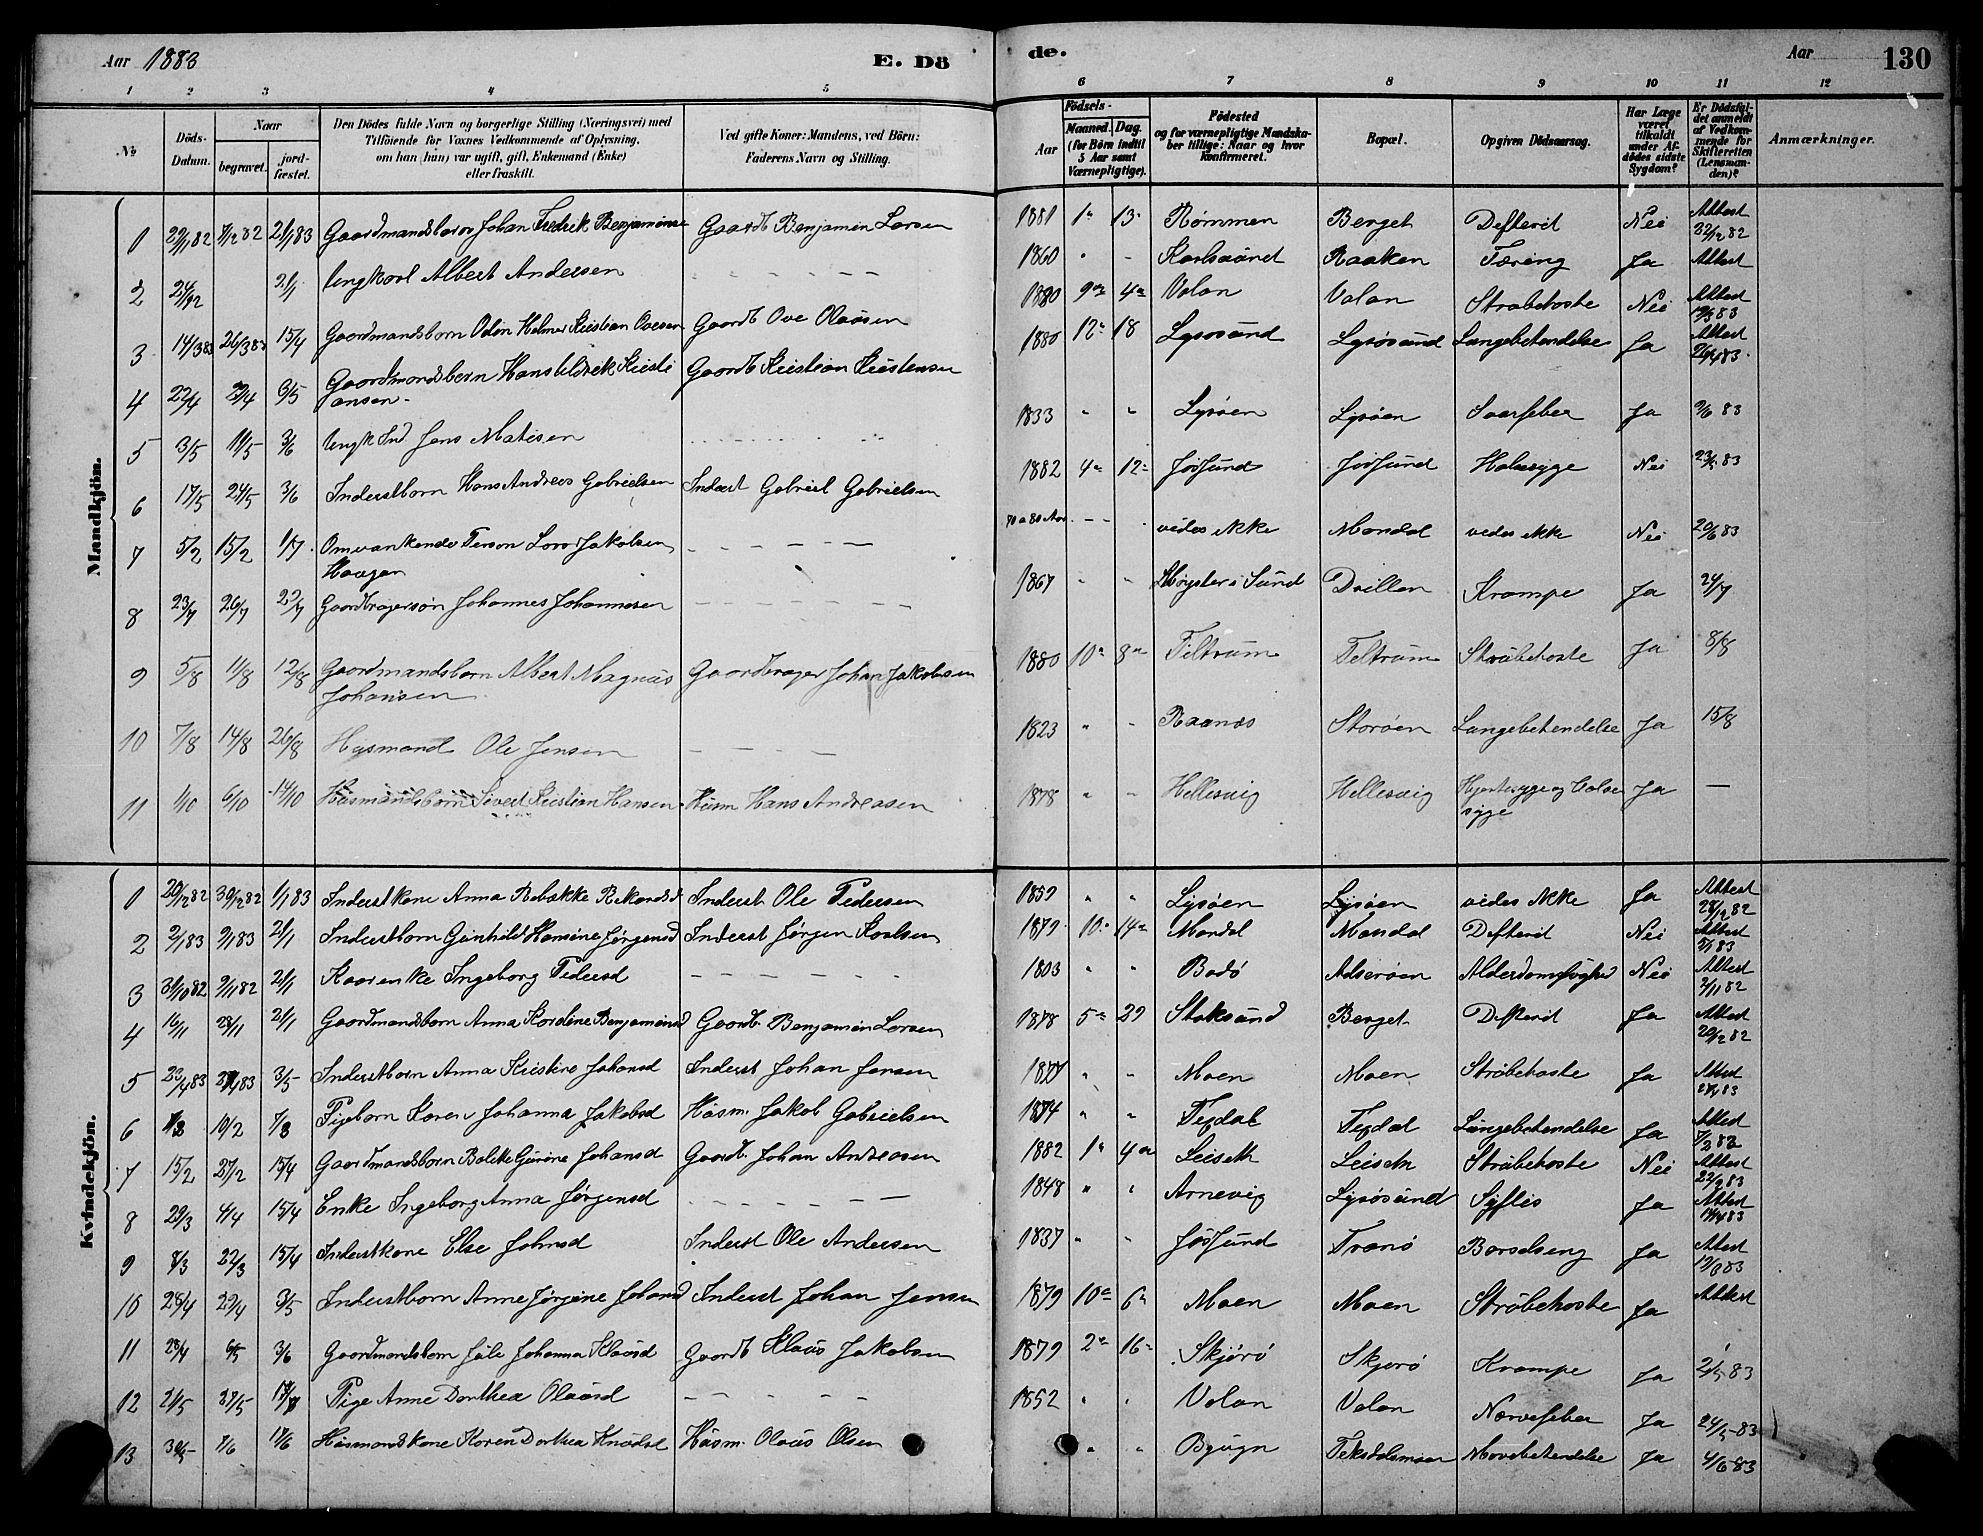 SAT, Ministerialprotokoller, klokkerbøker og fødselsregistre - Sør-Trøndelag, 654/L0665: Klokkerbok nr. 654C01, 1879-1901, s. 130